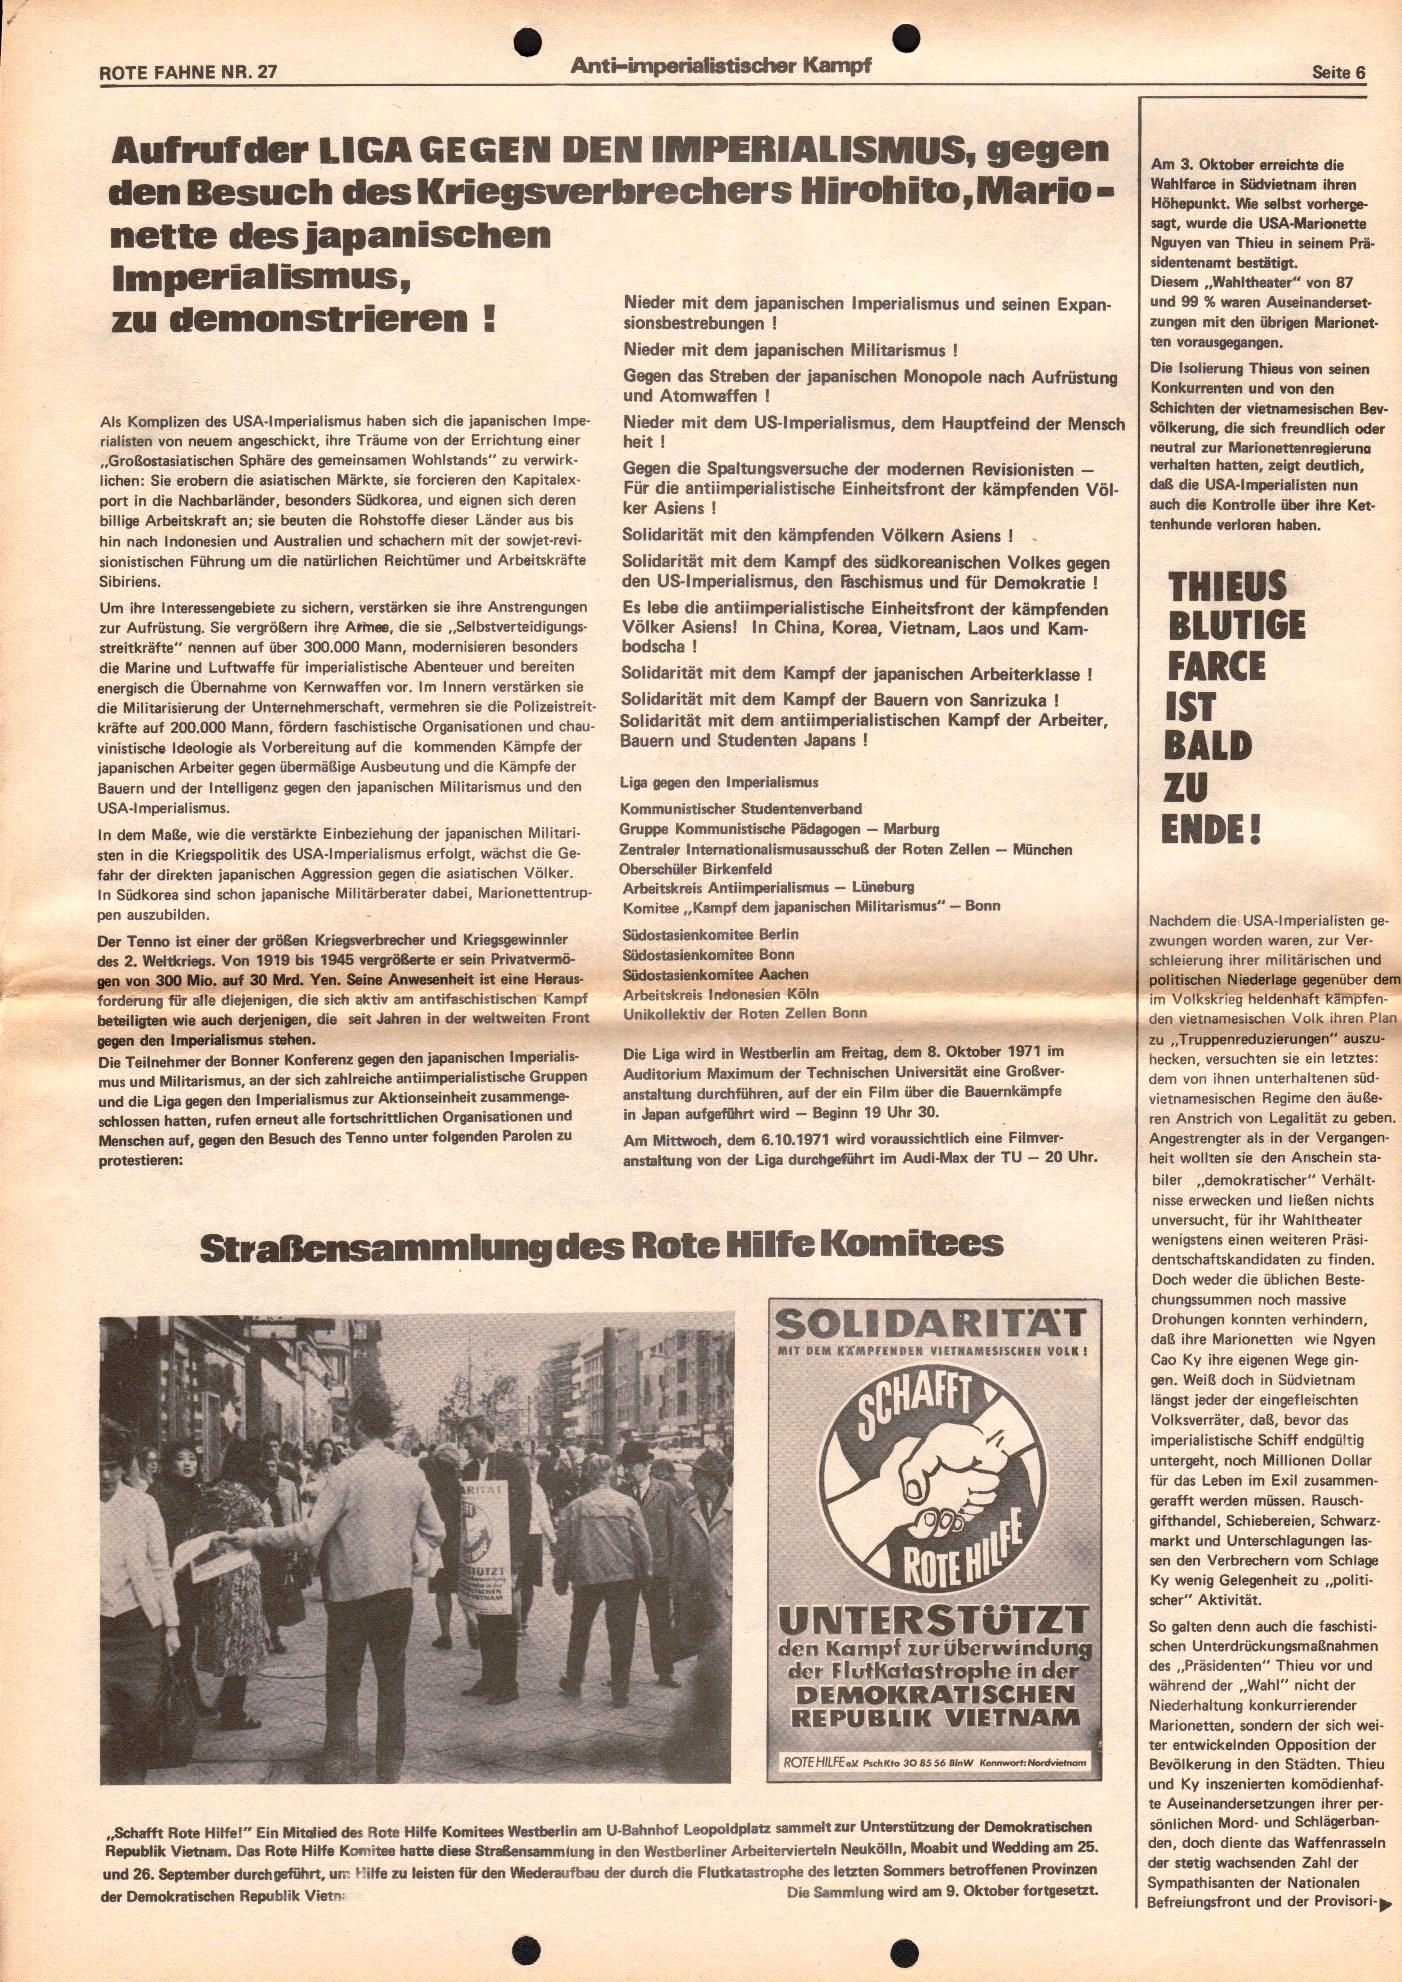 KPD_Rote_Fahne_1971_27_06